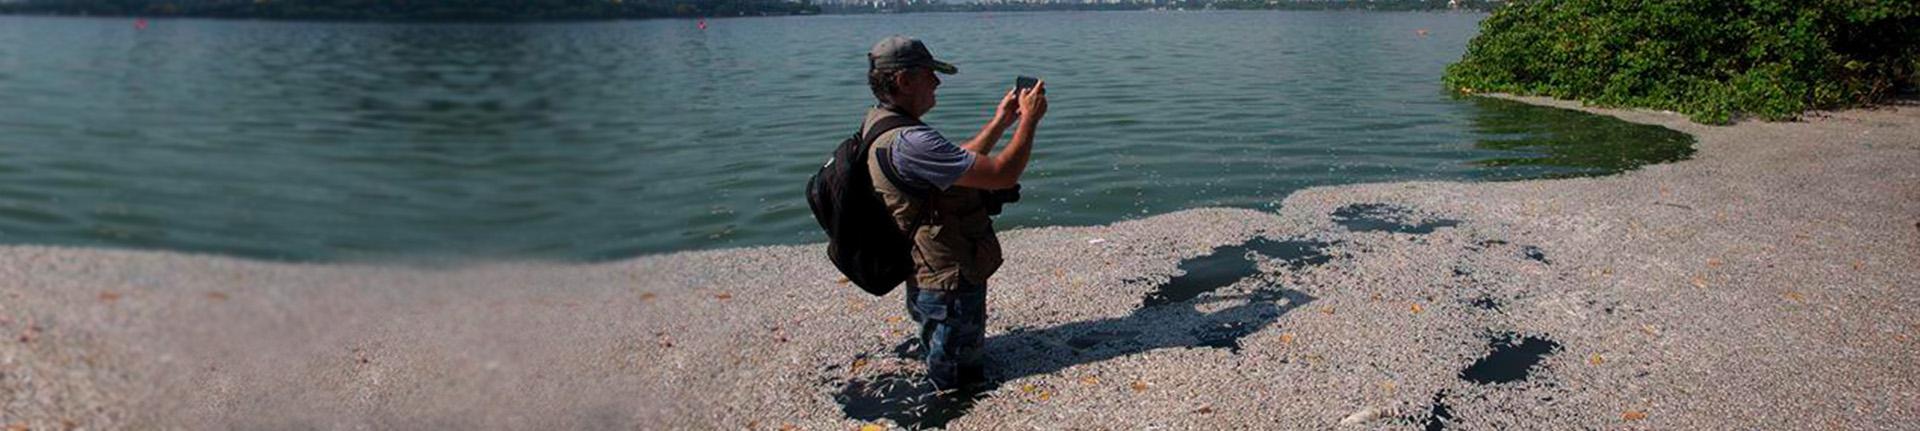 O trabalho de recuperação do sistema lagunar: Biólogo Mario Moscatelli